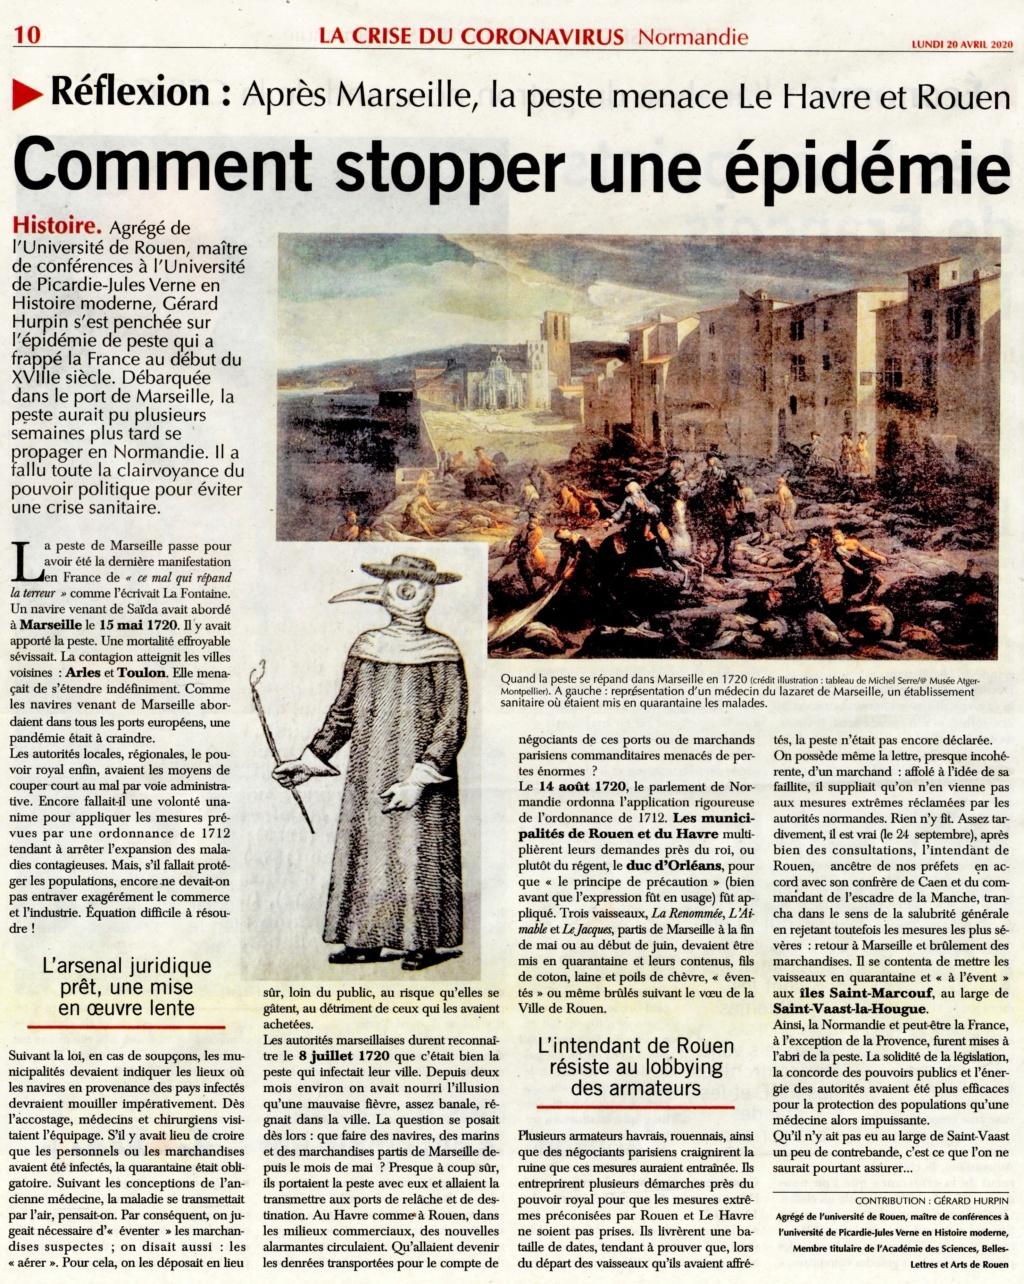 Havre - Après Marseille, la peste menace le Havre et Rouen 2020-040